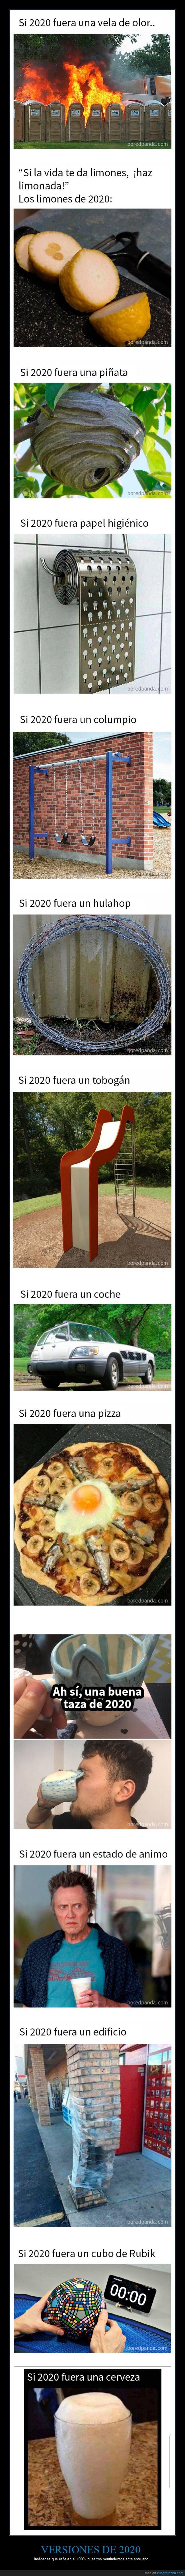 2020,versiones